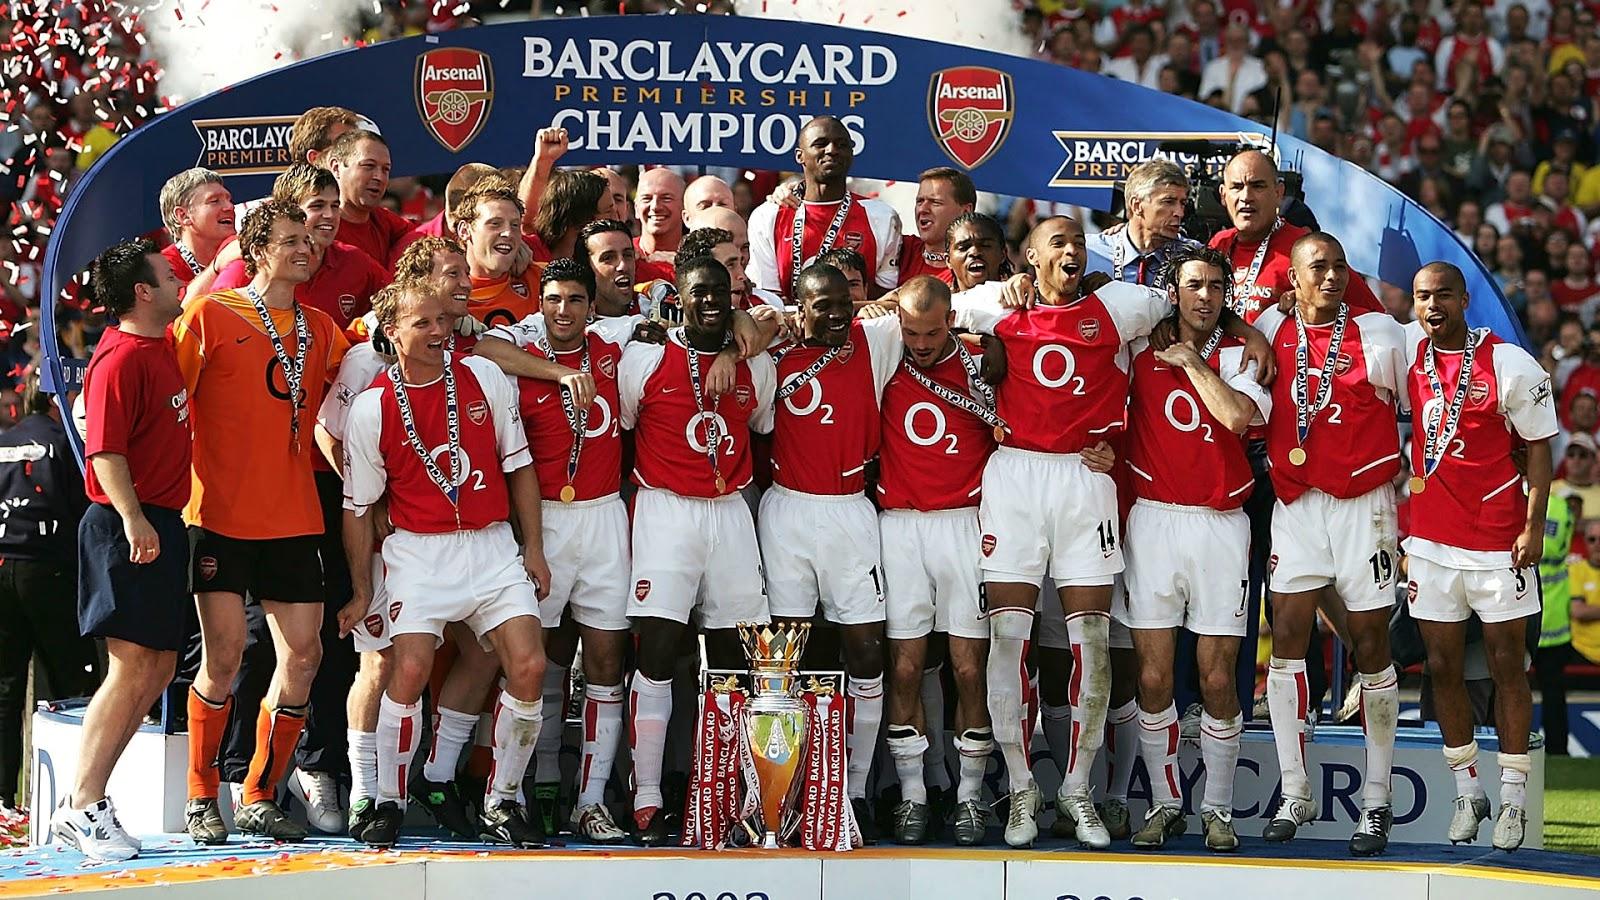 the invincibles arsenal premier league champions squad 2003/04